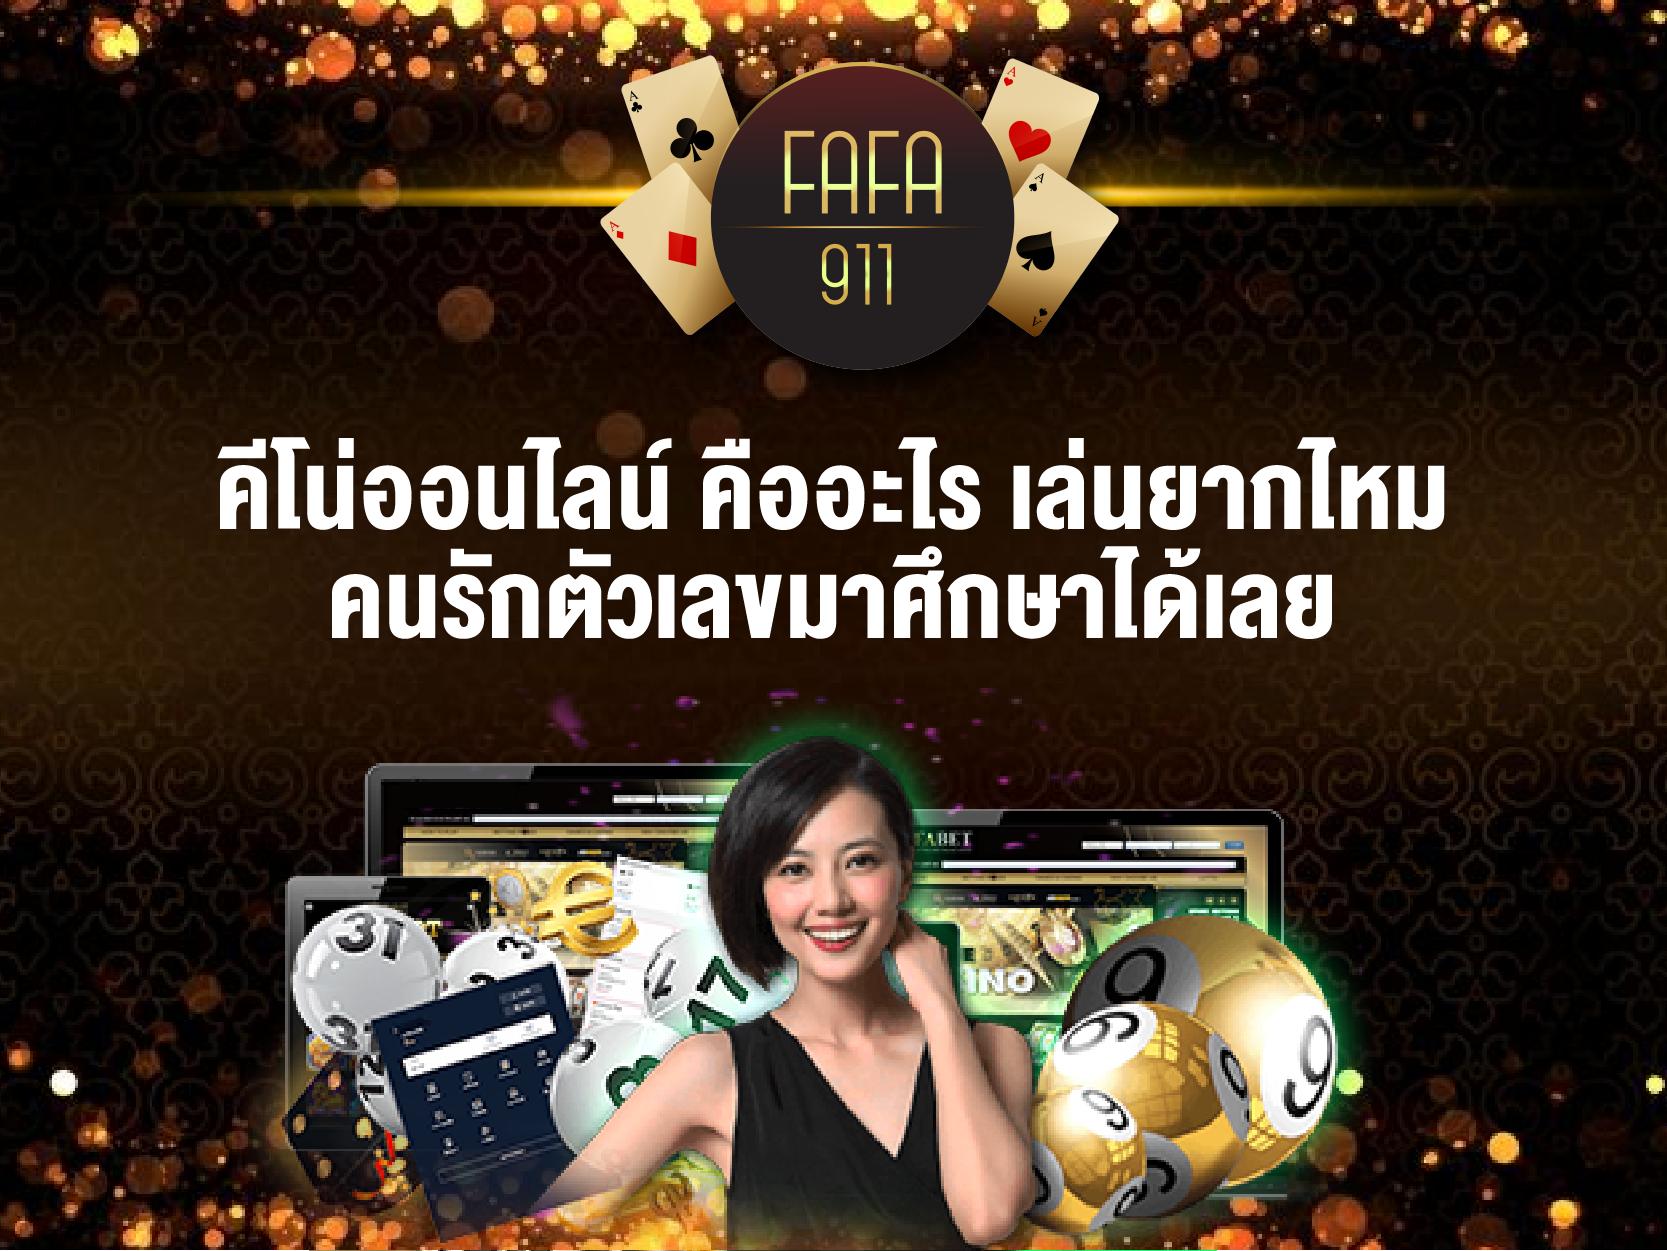 คีโน่ออนไลน์ - fafa911.com